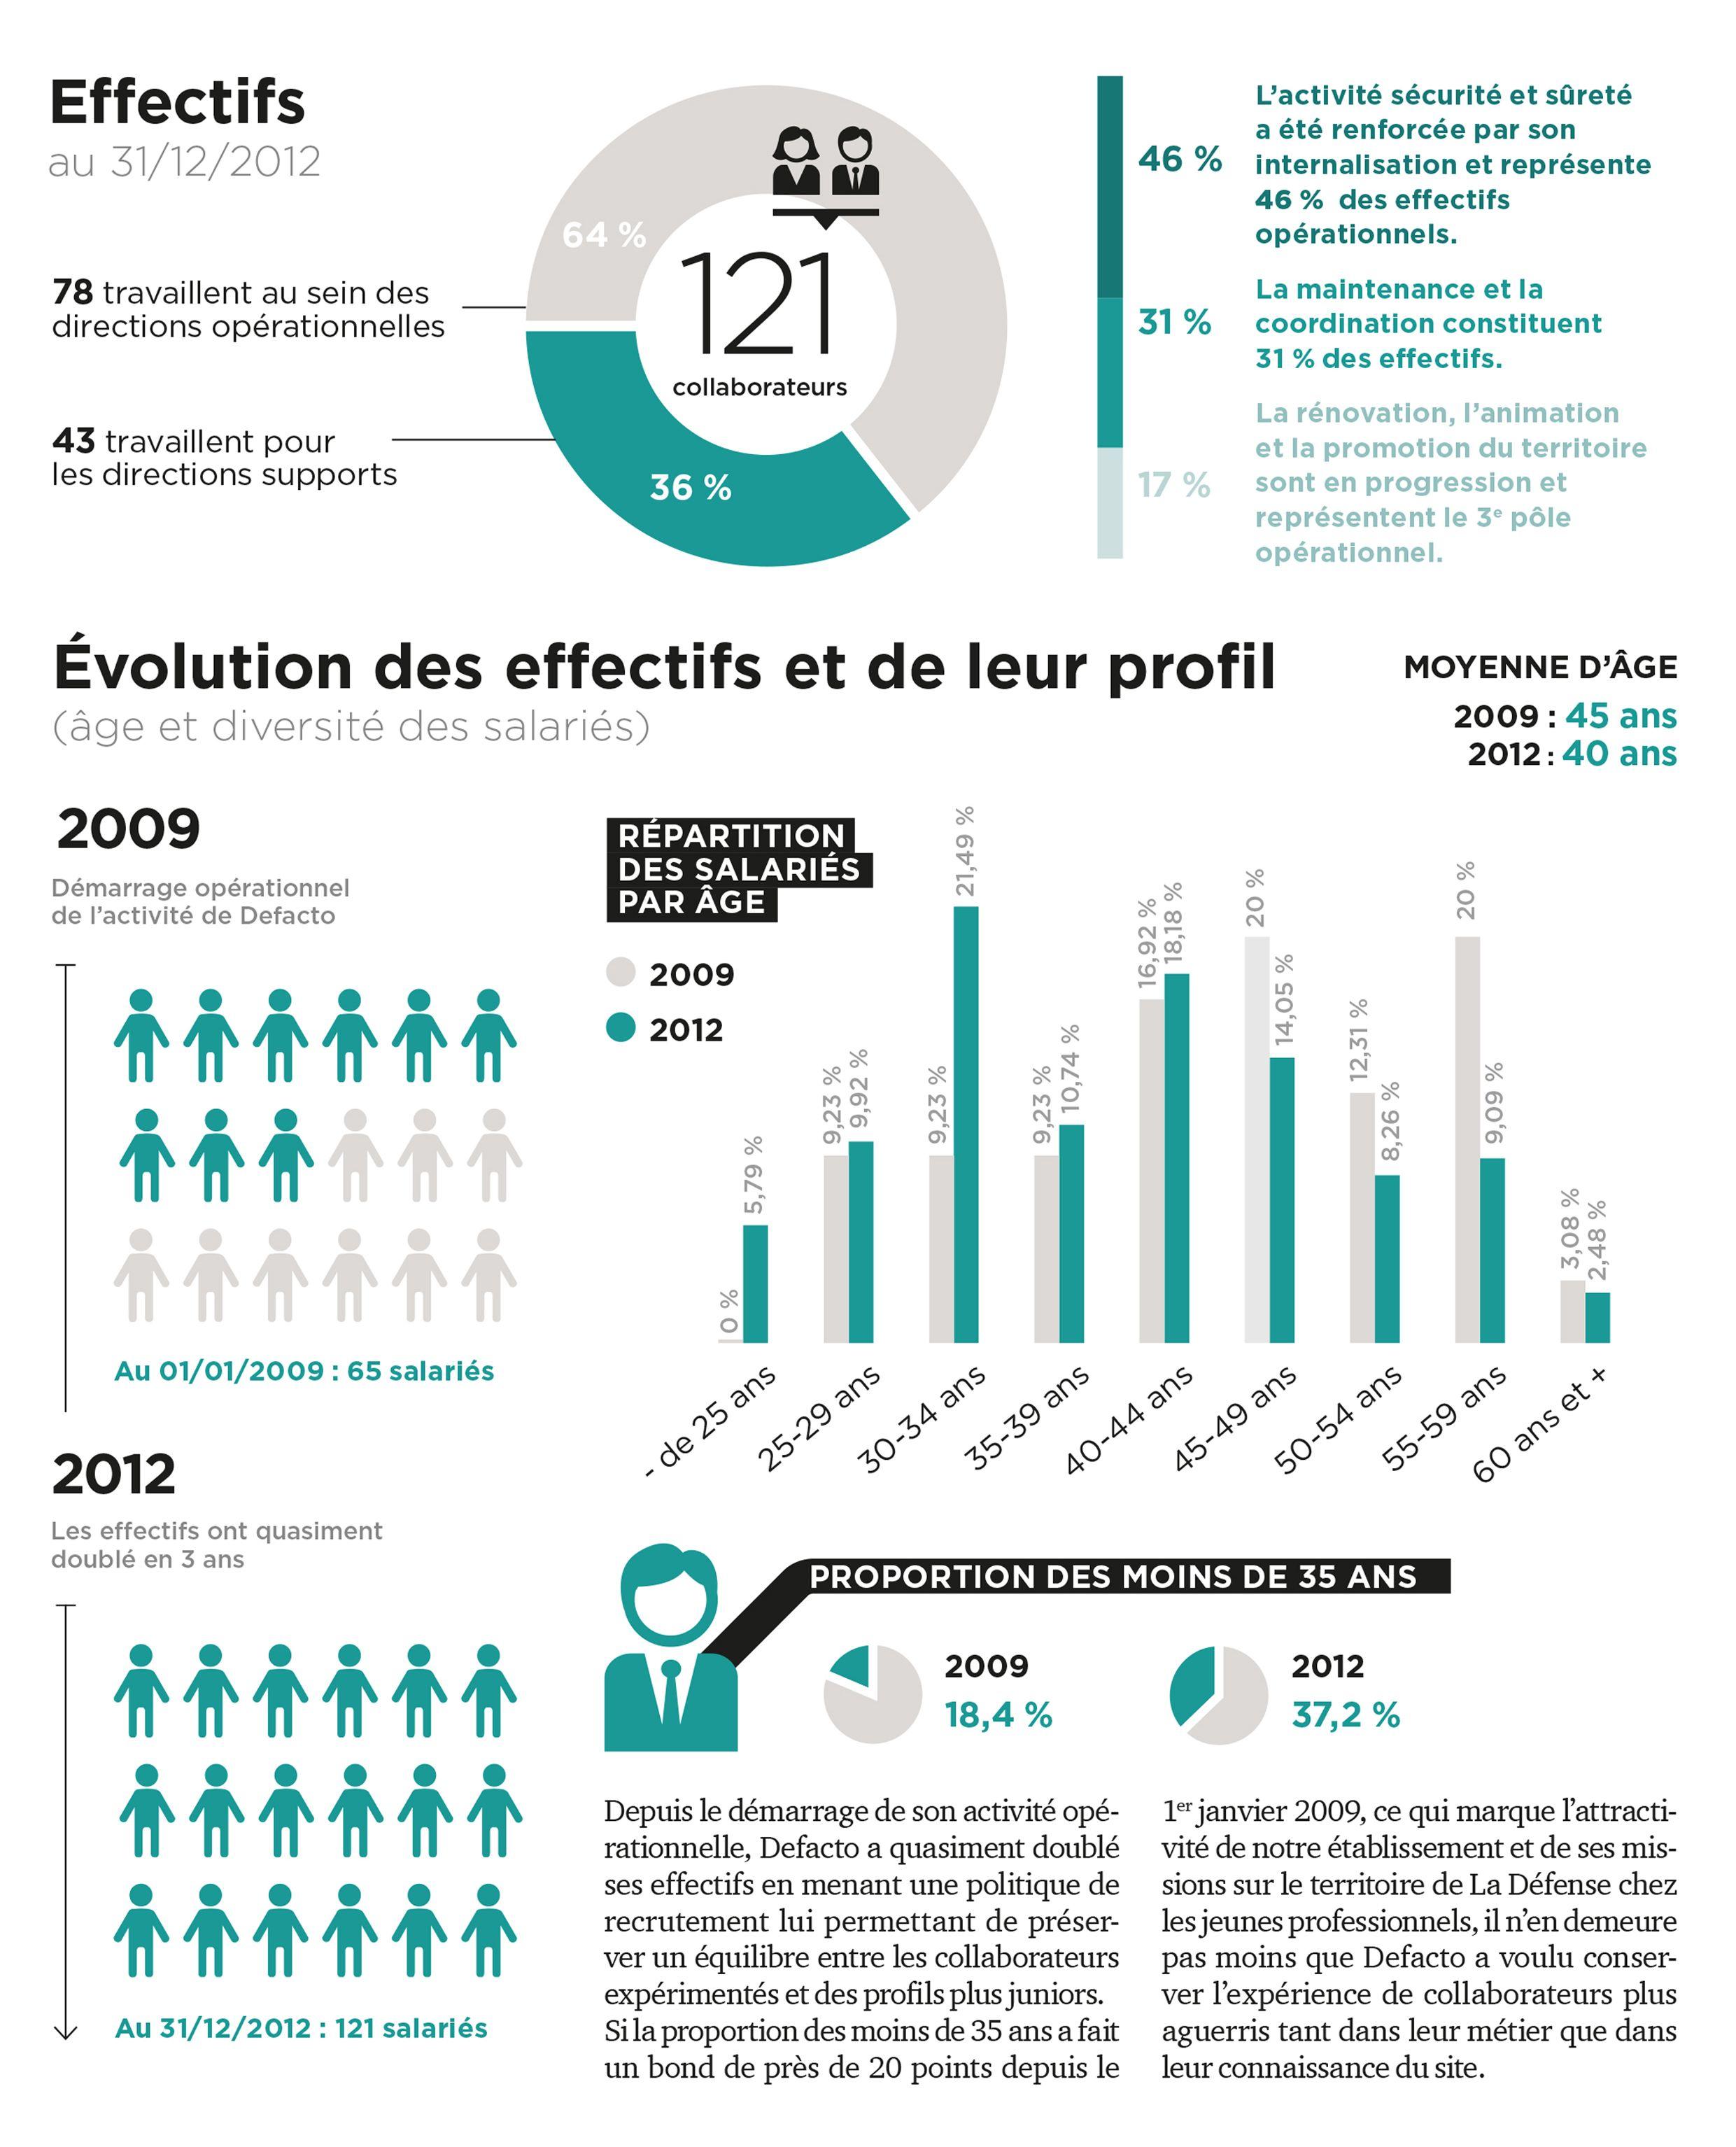 Rapport D Activite Defacto 2012 Dataviz Ressources Humaines Agence Citizen Press Paris Modele De Rapport Agence De Communication Dataviz